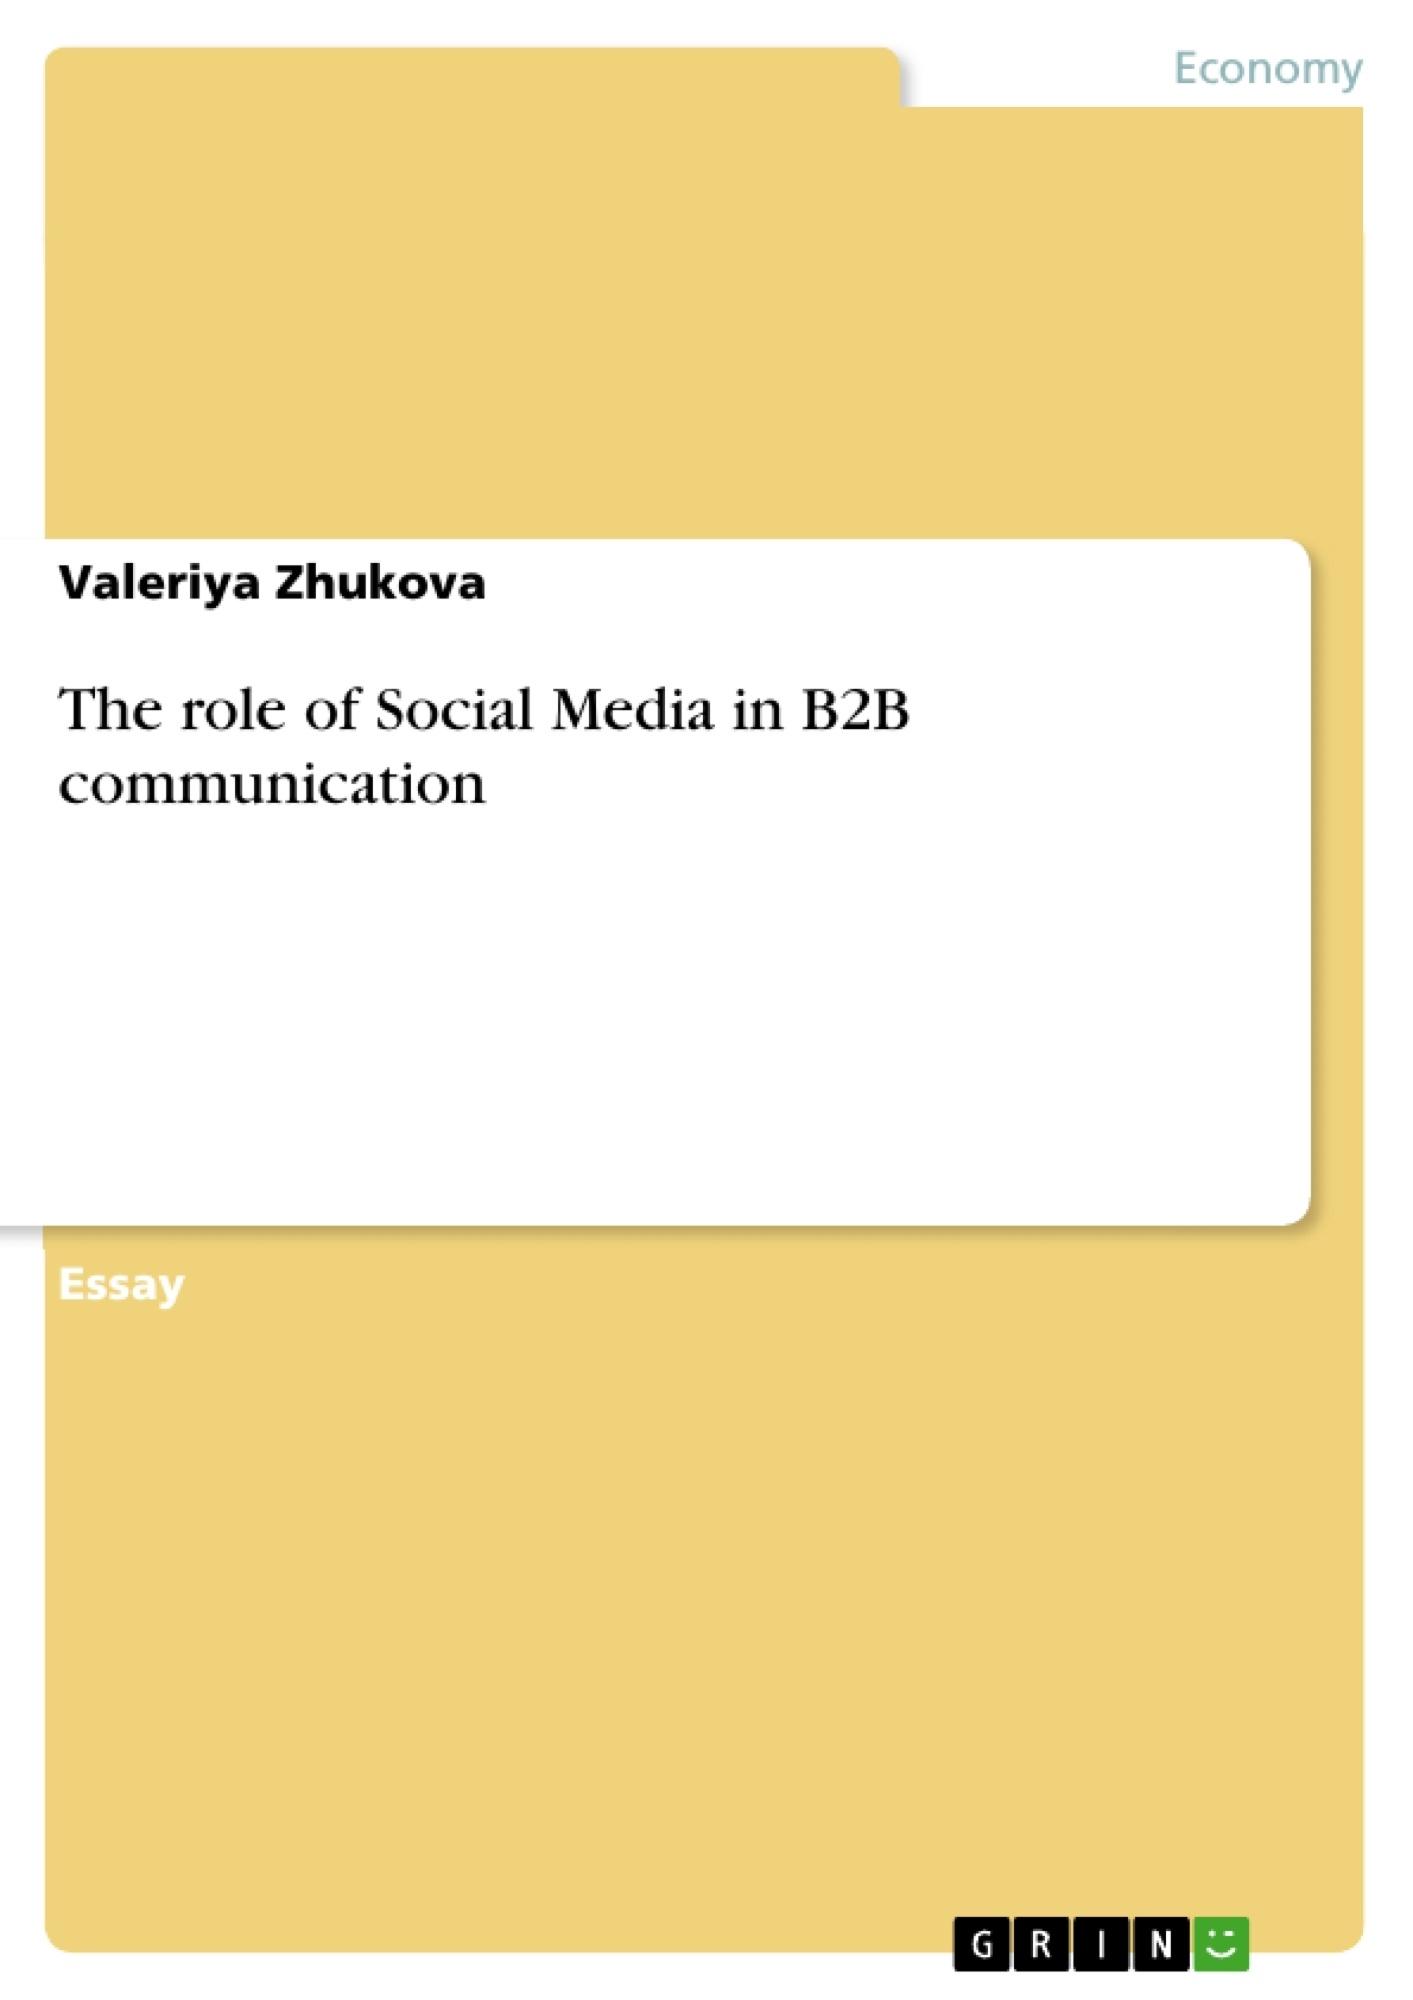 mass media essay topics